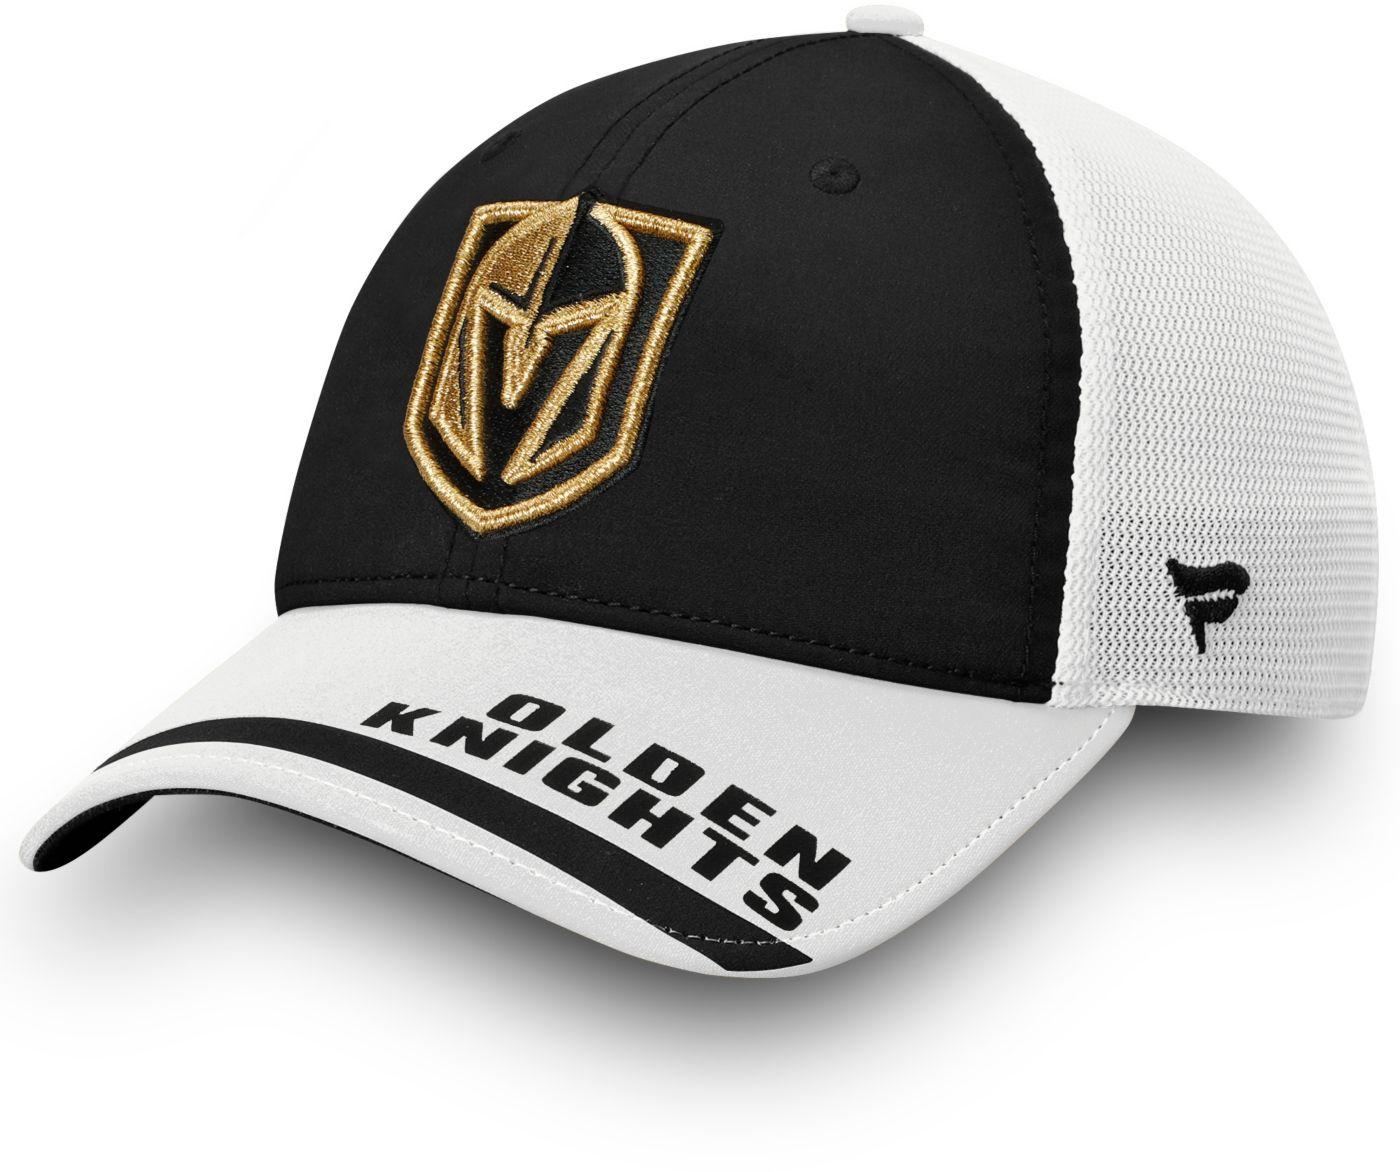 NHL Men's Vegas Golden Knights Logo Black Adjustable Hat